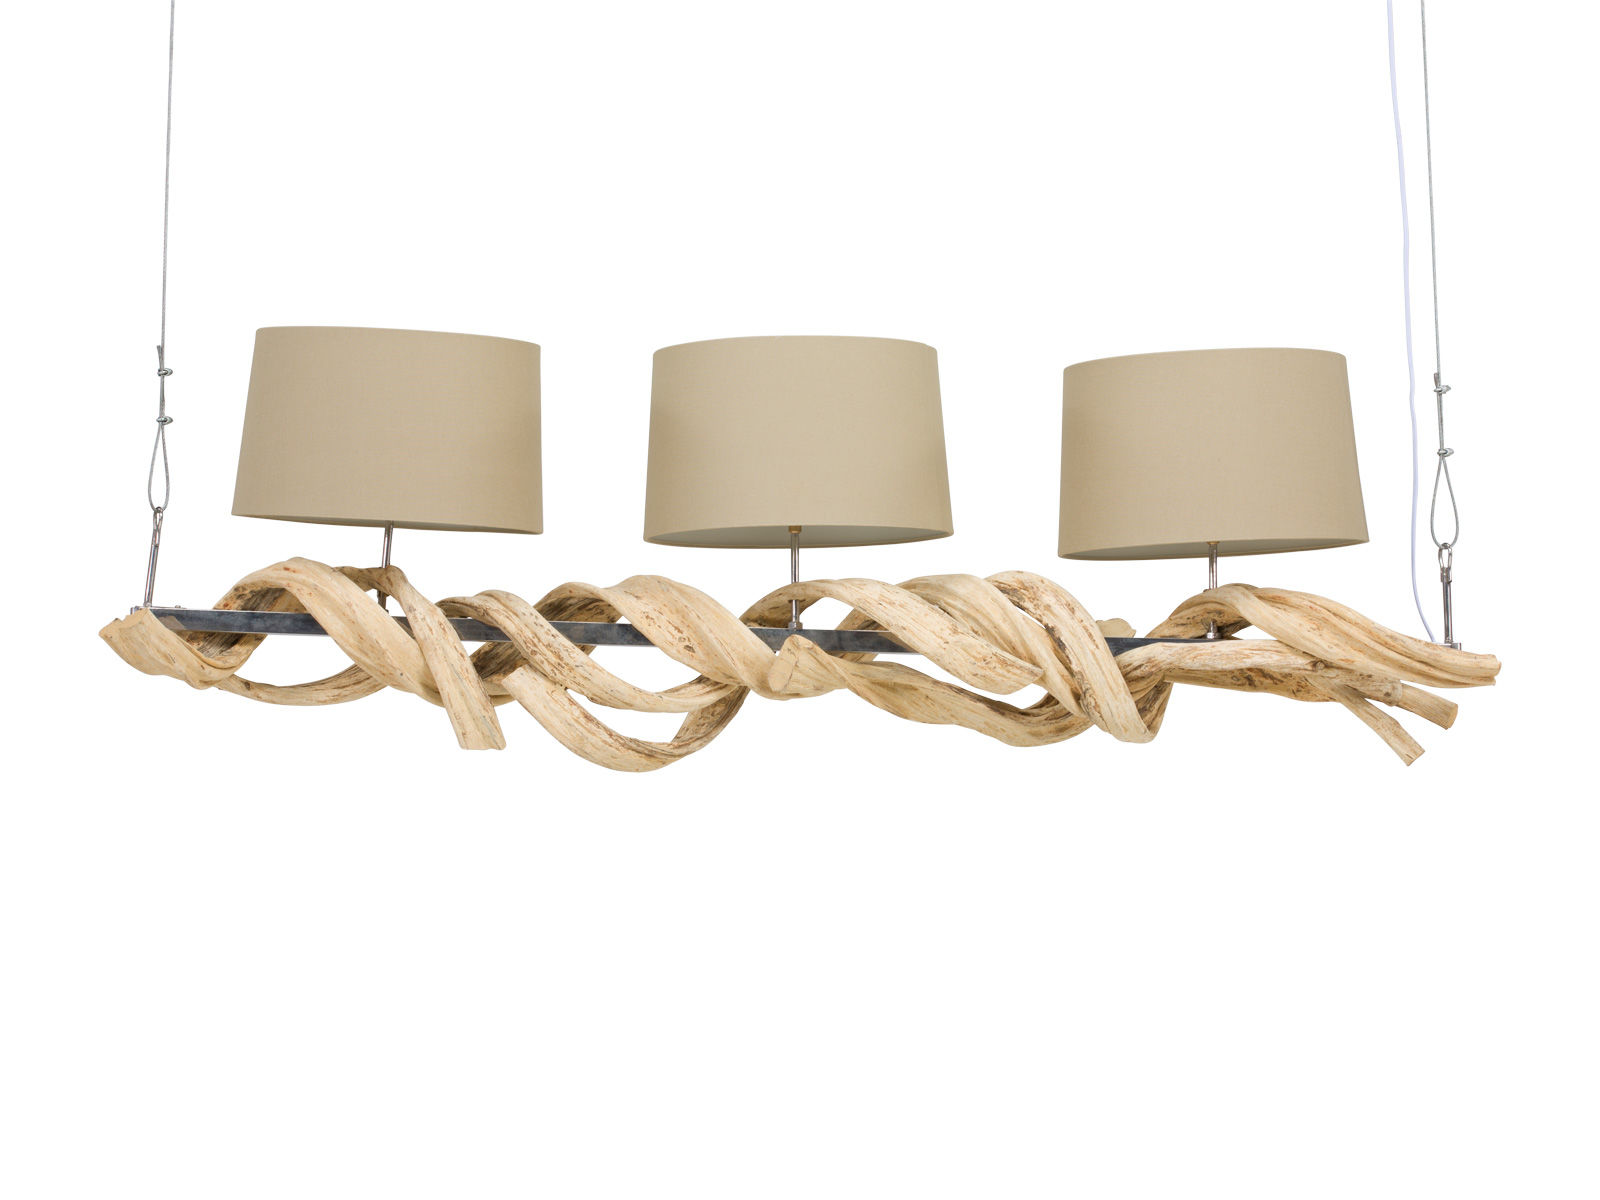 Full Size of Wohnzimmer Lampe Holz Bilder Xxl Sofa Mit Holzfüßen Hängeschrank Weiß Hochglanz Esstisch Massiv Badezimmer Decke Wandtattoo Deckenleuchte Esstische Wohnzimmer Wohnzimmer Lampe Holz